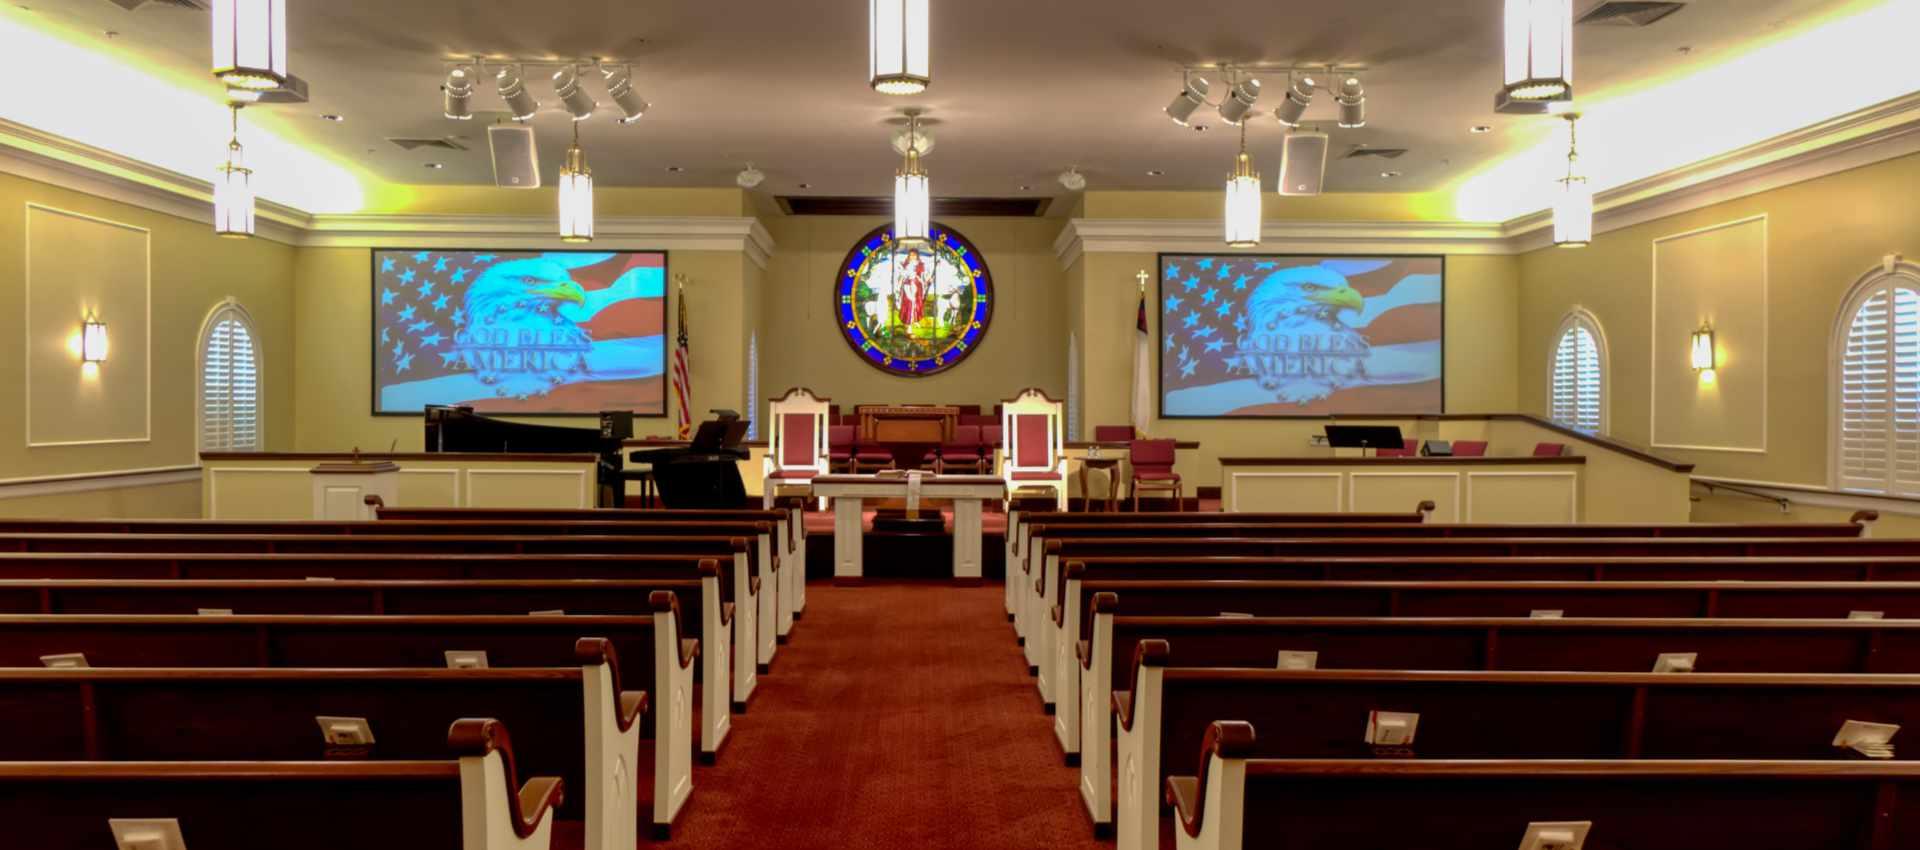 Inside Redeemer